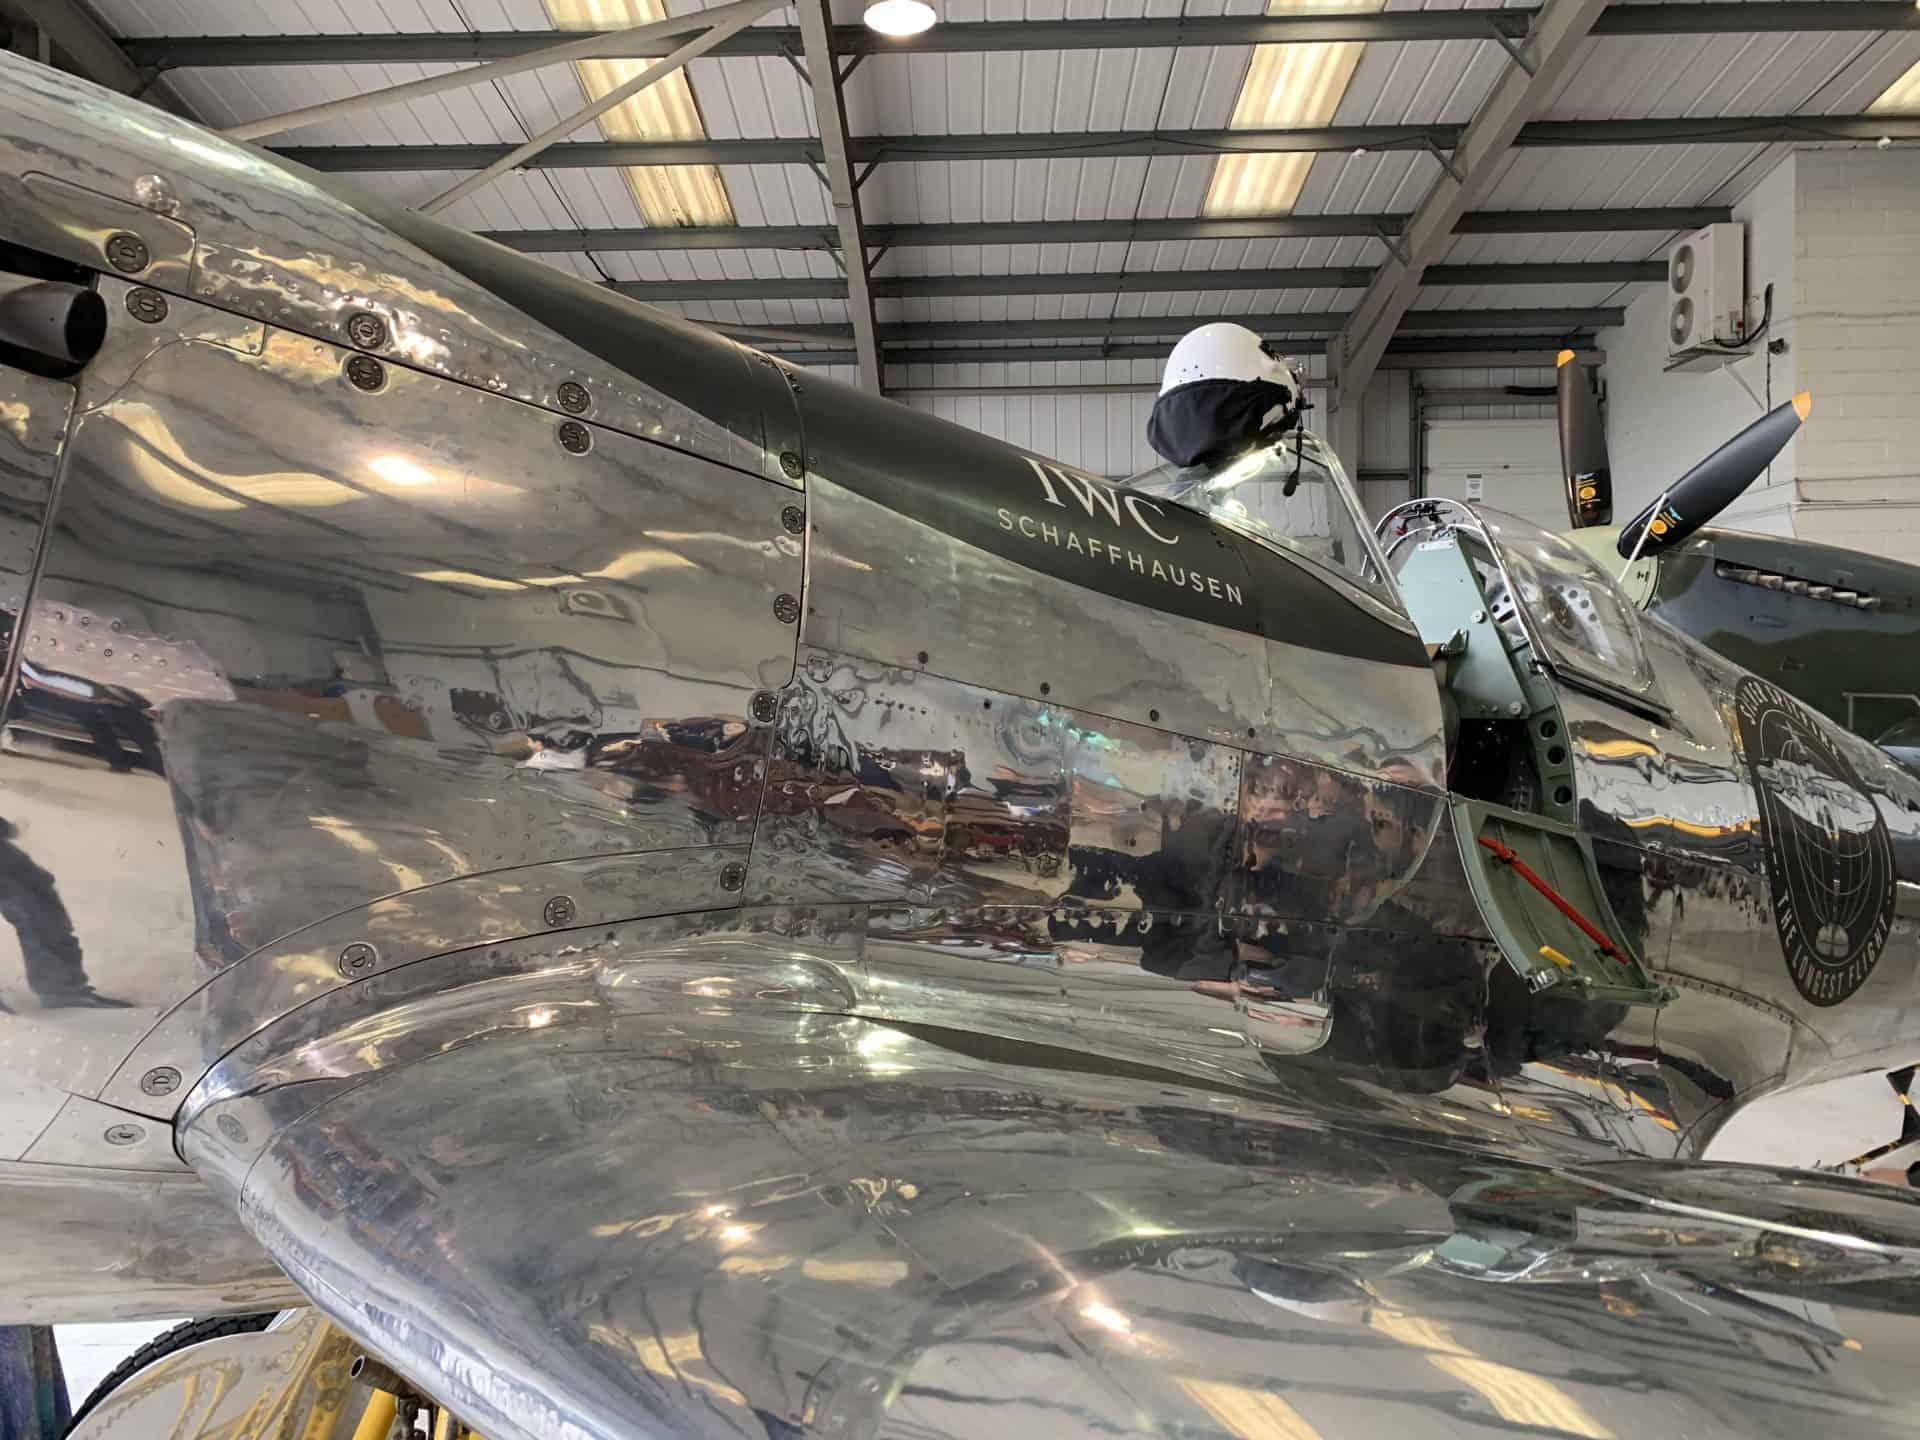 Silver Spitfire Außenhaut aus silbernem Metall